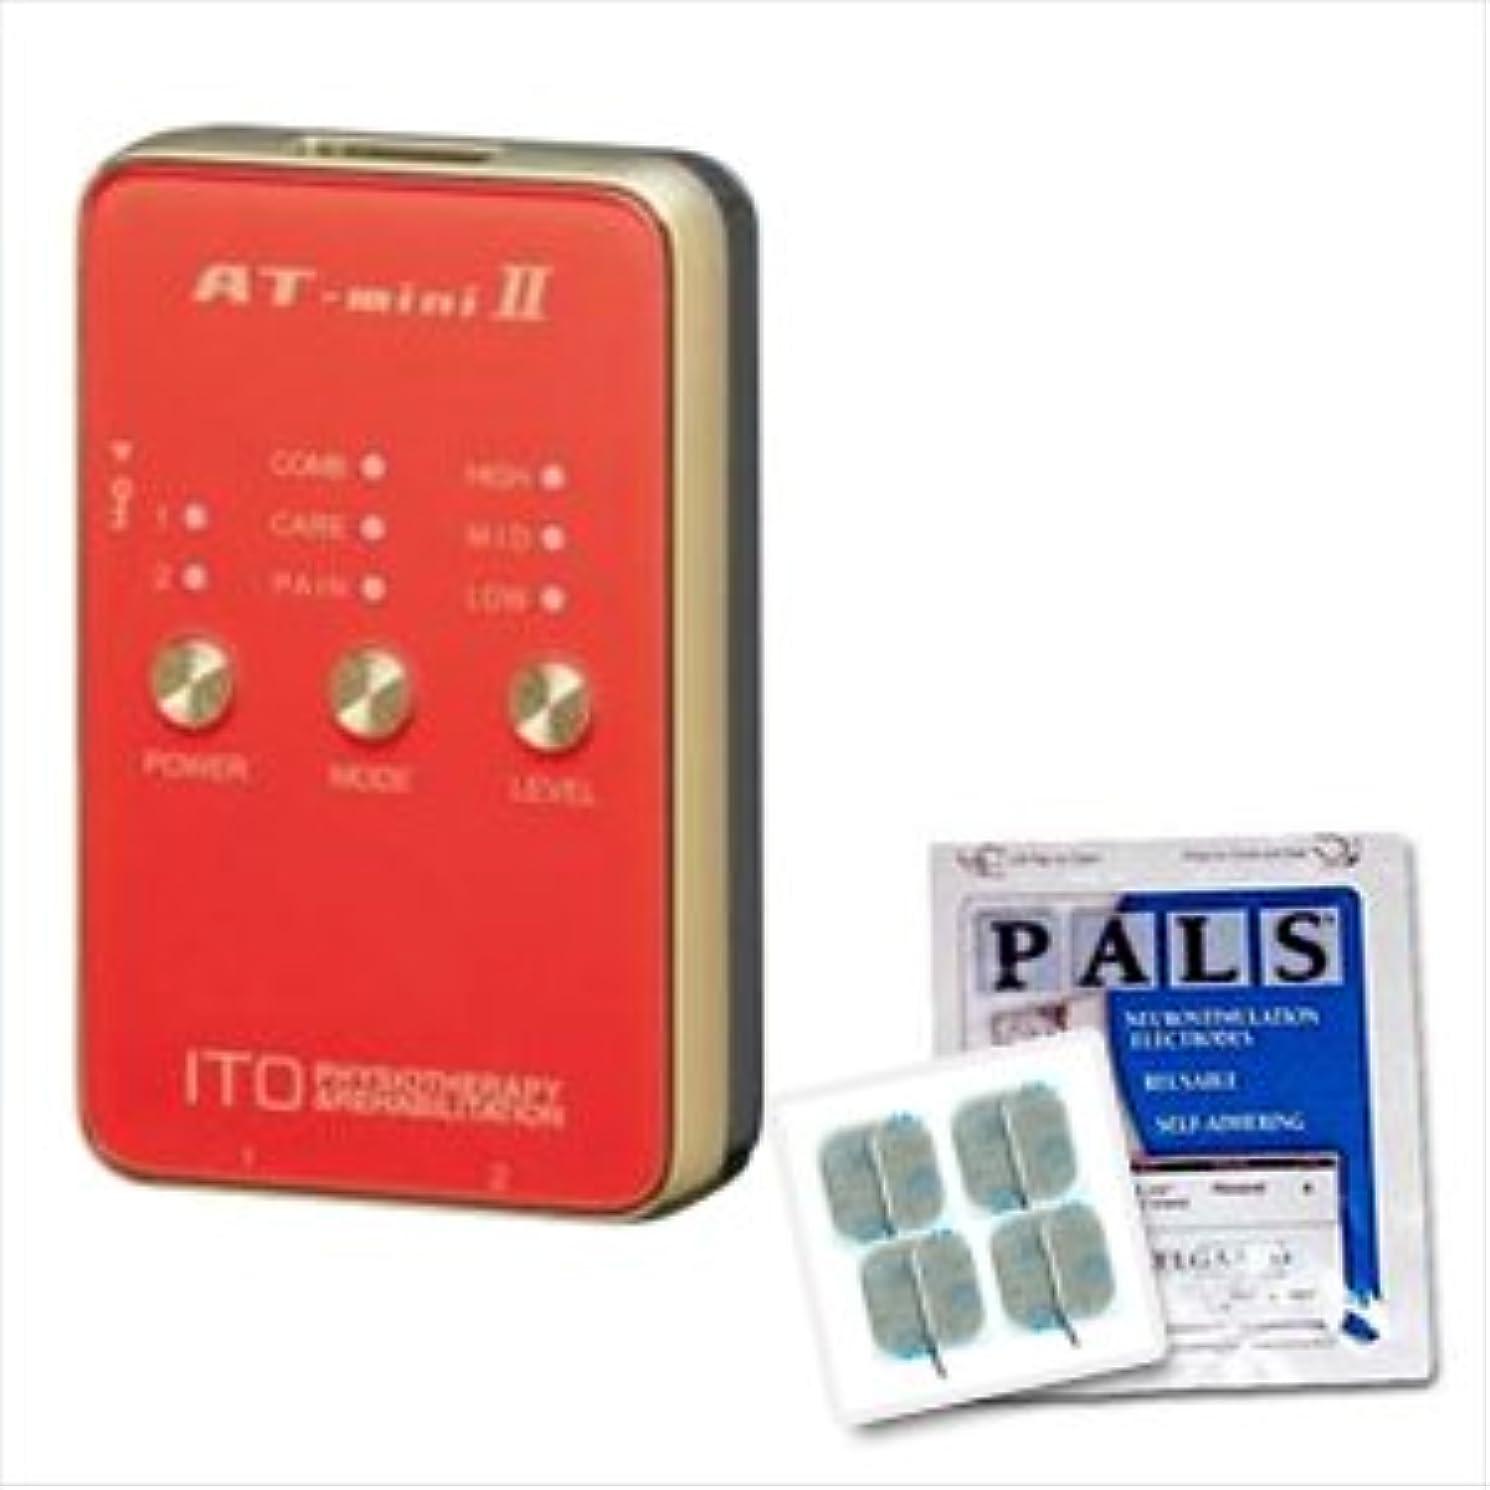 接続された以下どんよりした低周波治療器 AT-mini II オレンジ +アクセルガードMサイズ(5x5cm:1袋4枚入)セット